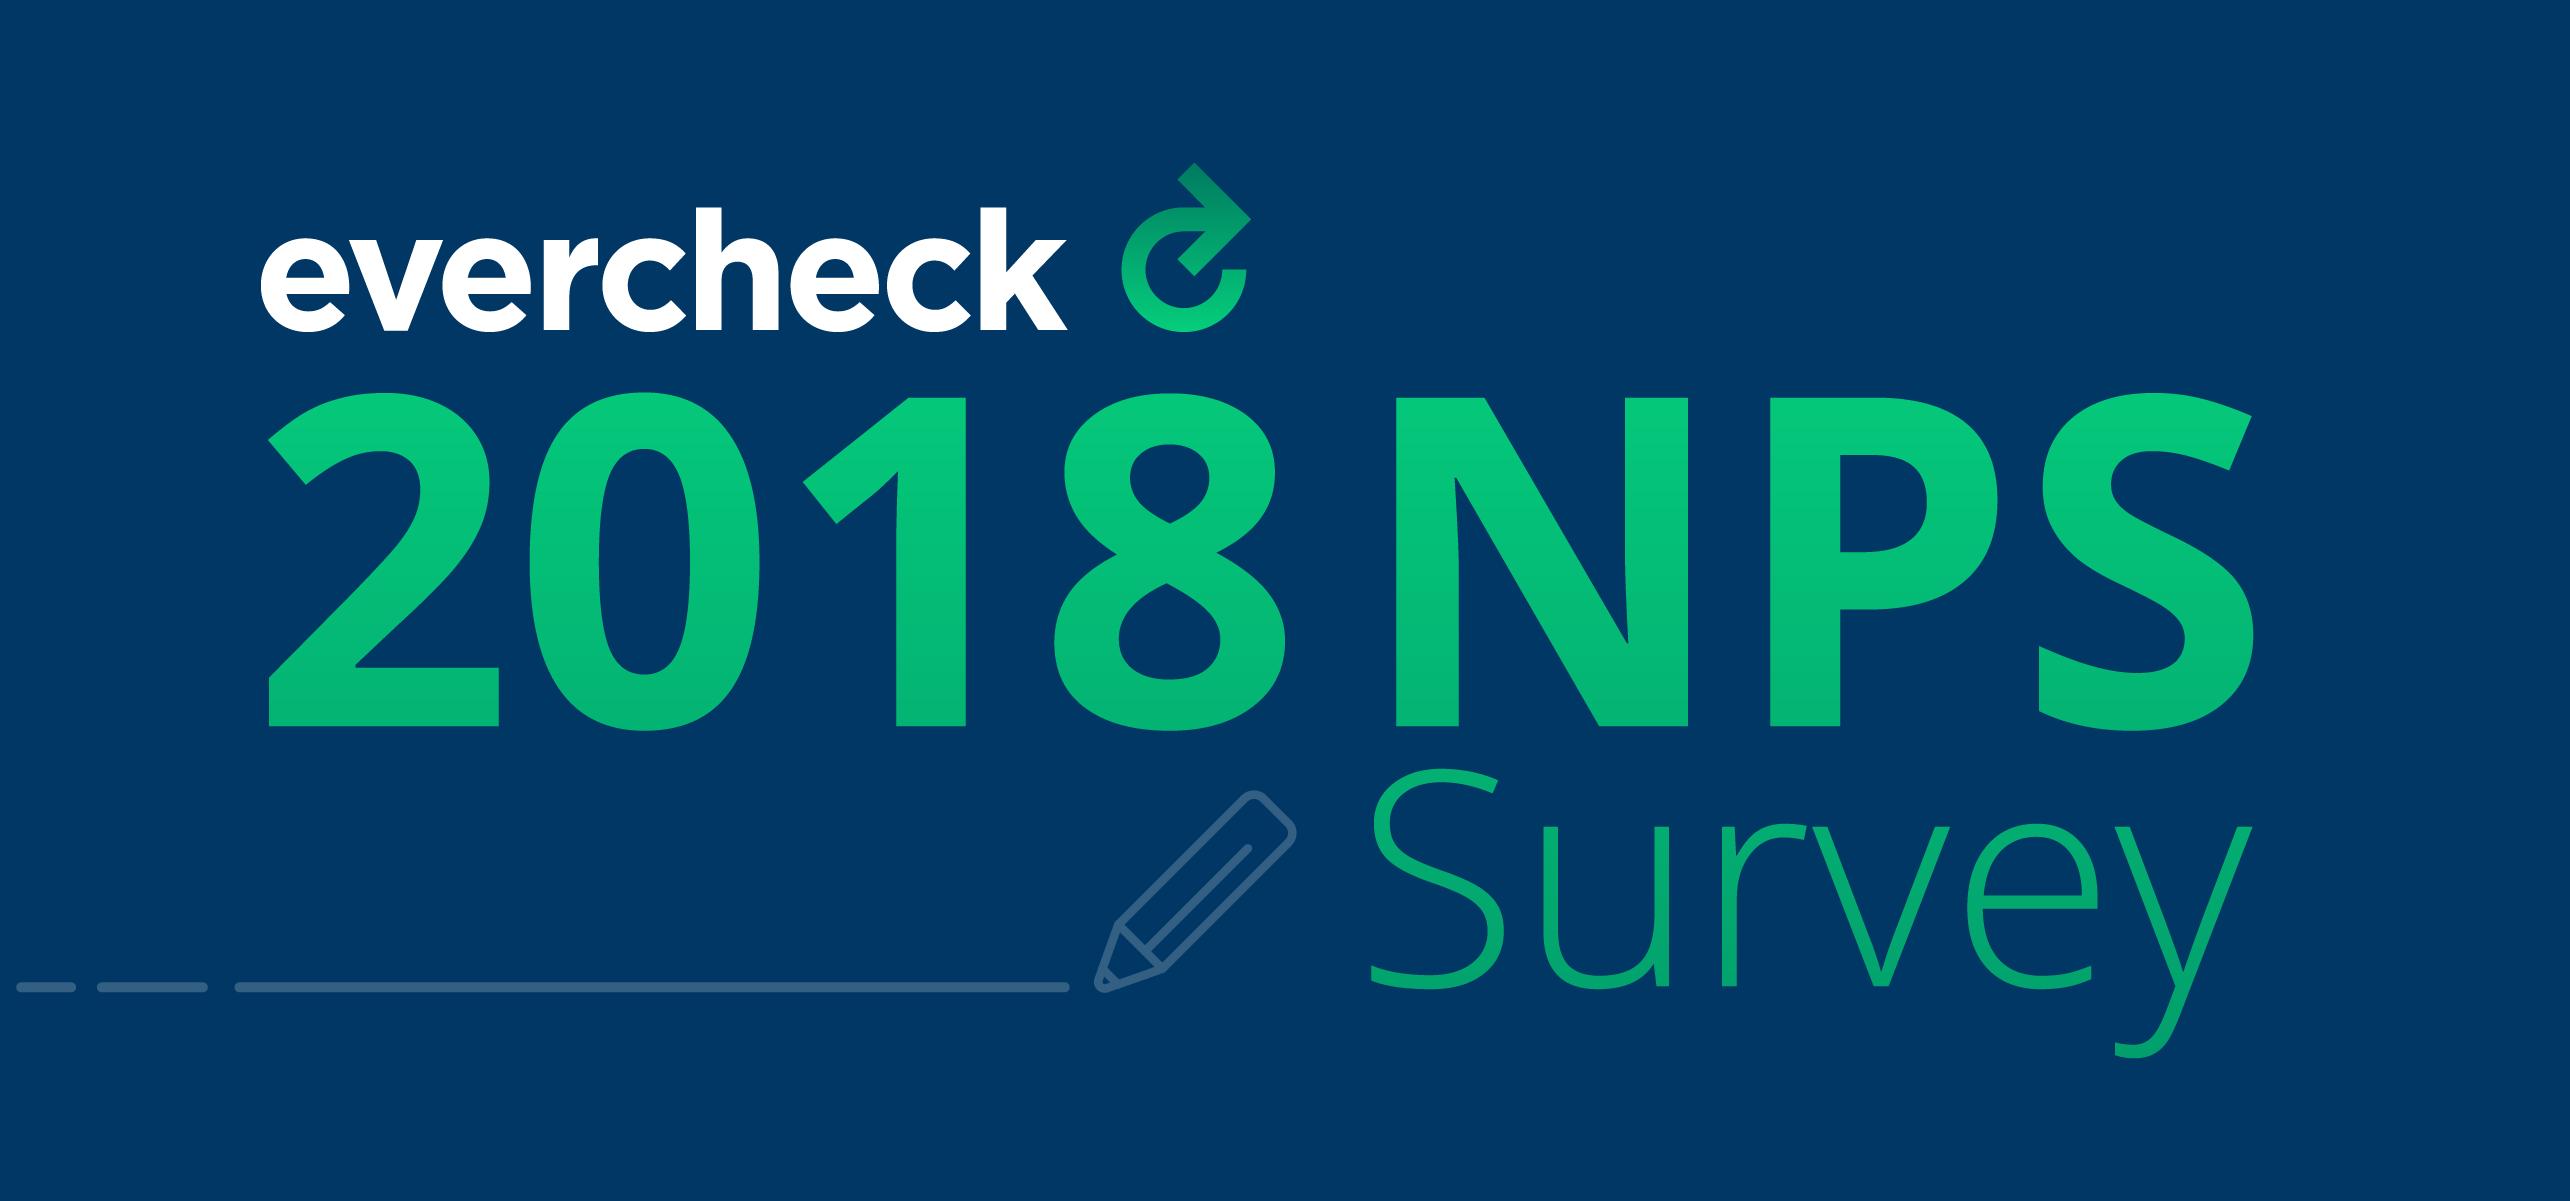 EC-Blog-NPS-Survey.png